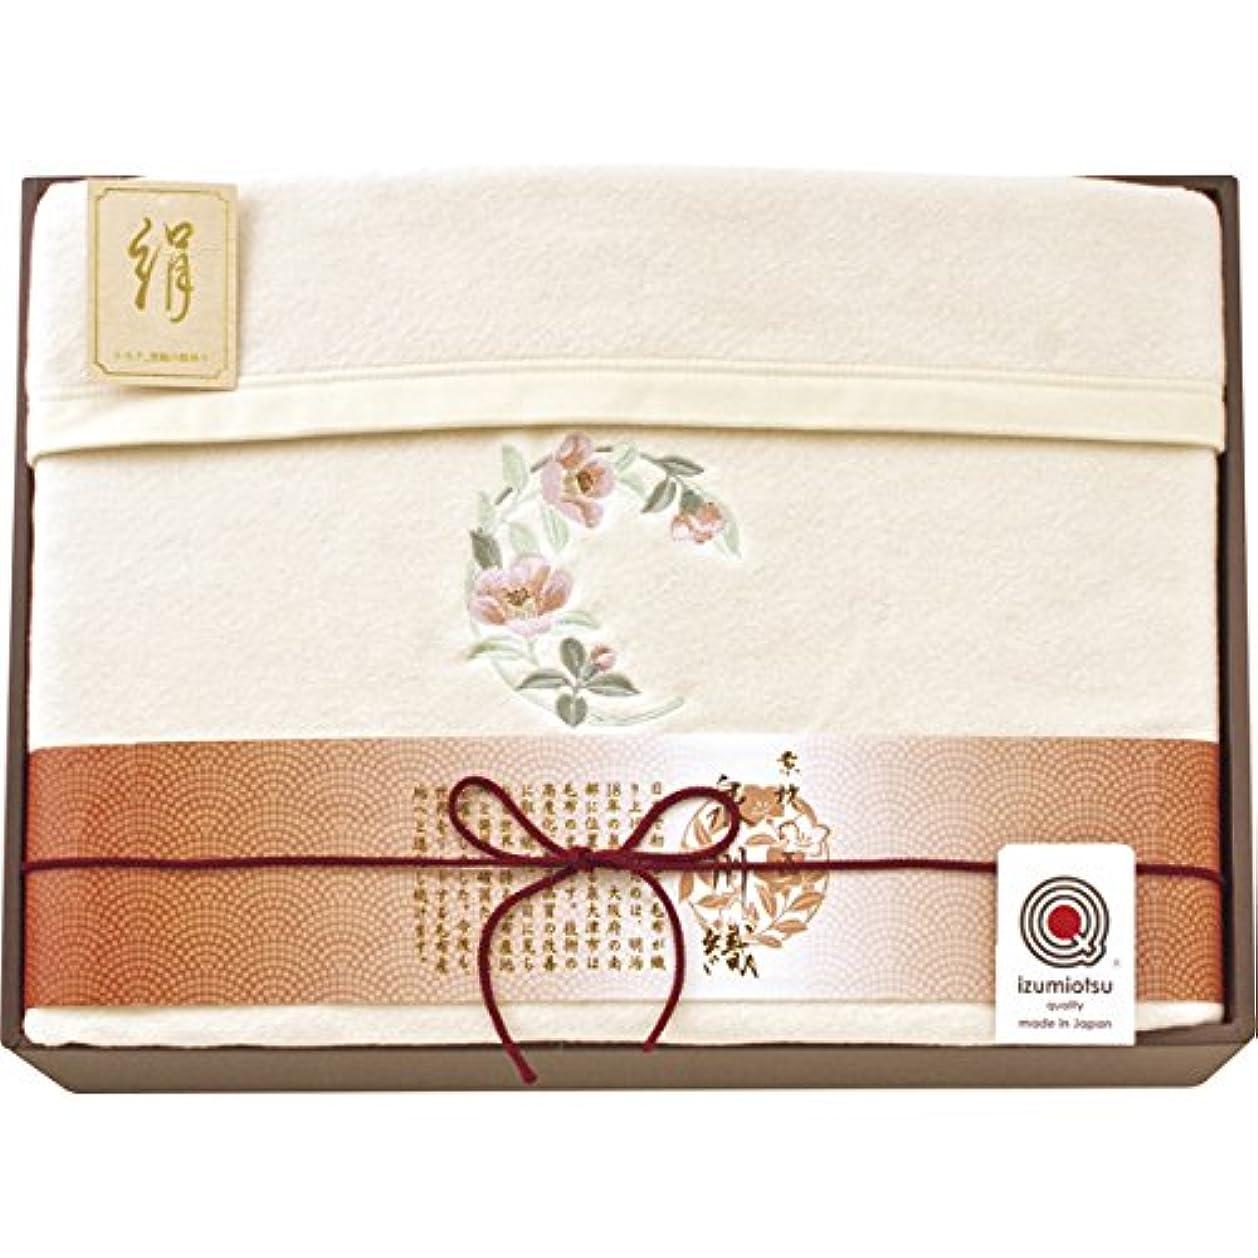 謙虚なのためエンゲージメント素材の匠 泉州織 シルク混綿毛布 ST-10070